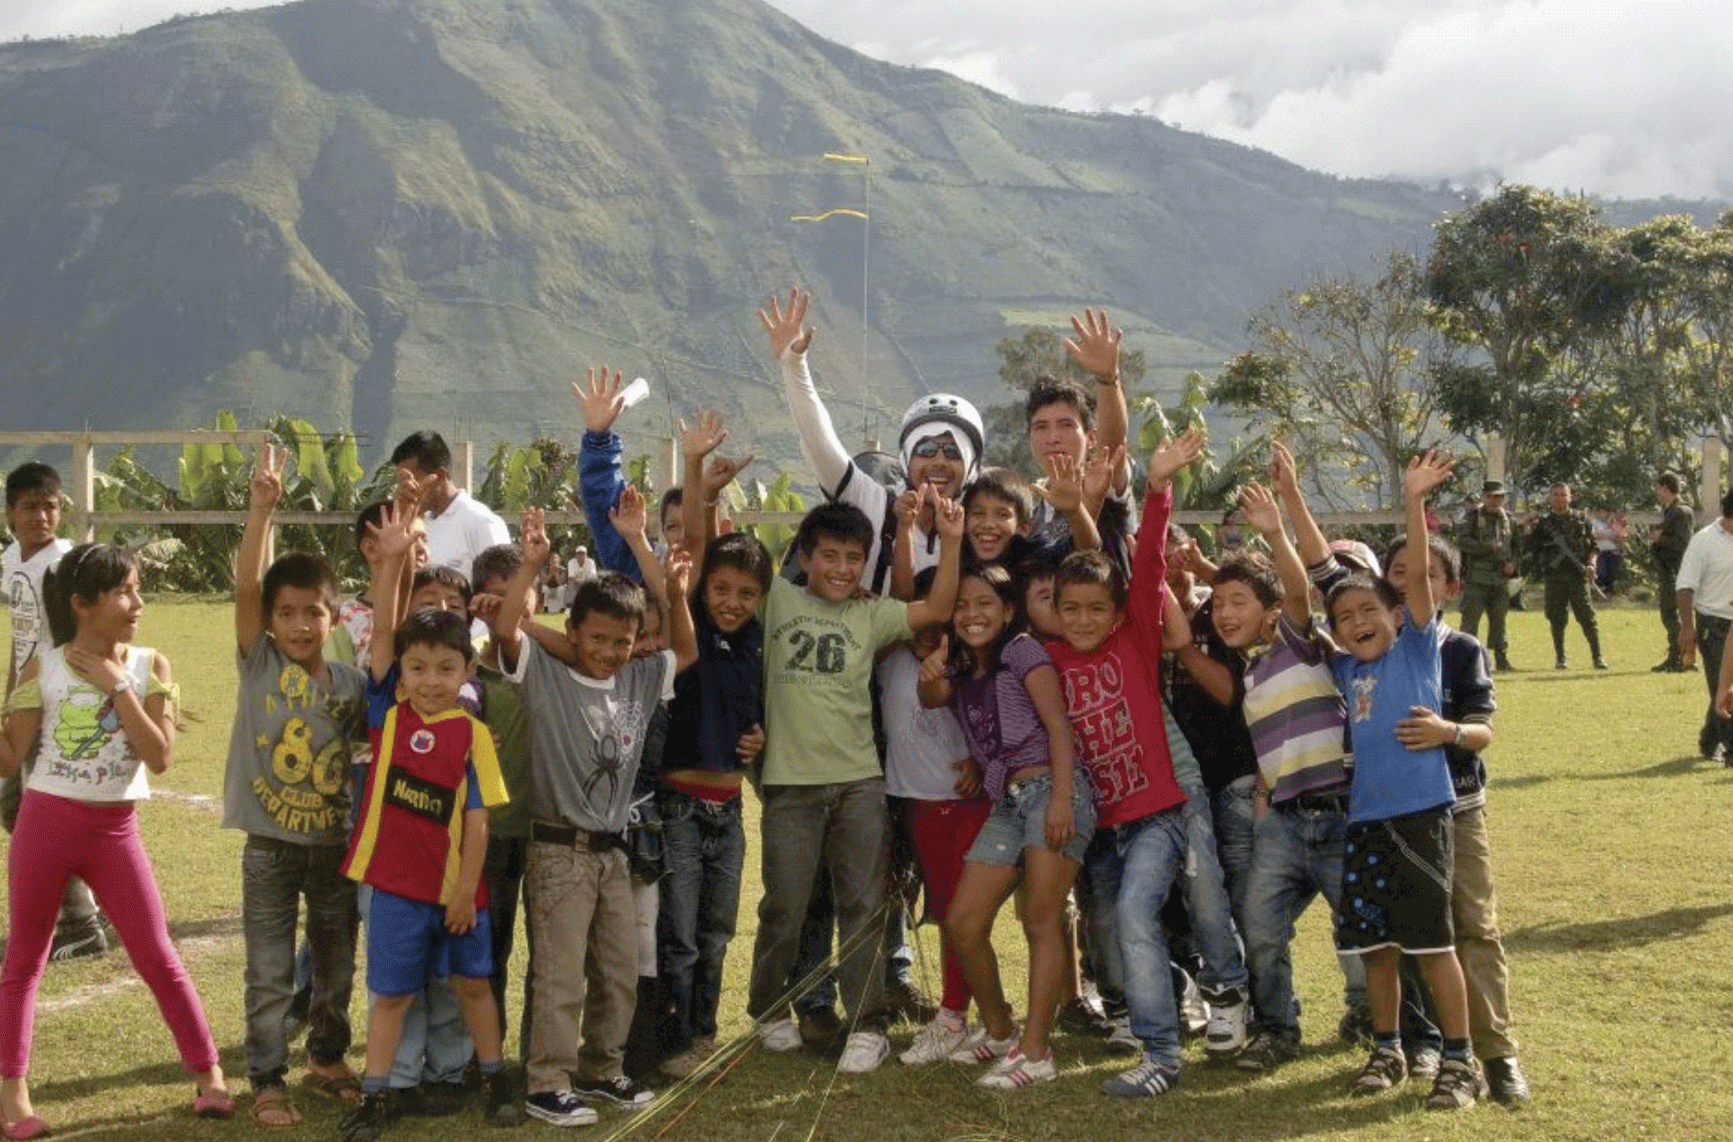 Fotografía Cortesía Revista Consacá Paraíso Turístico.